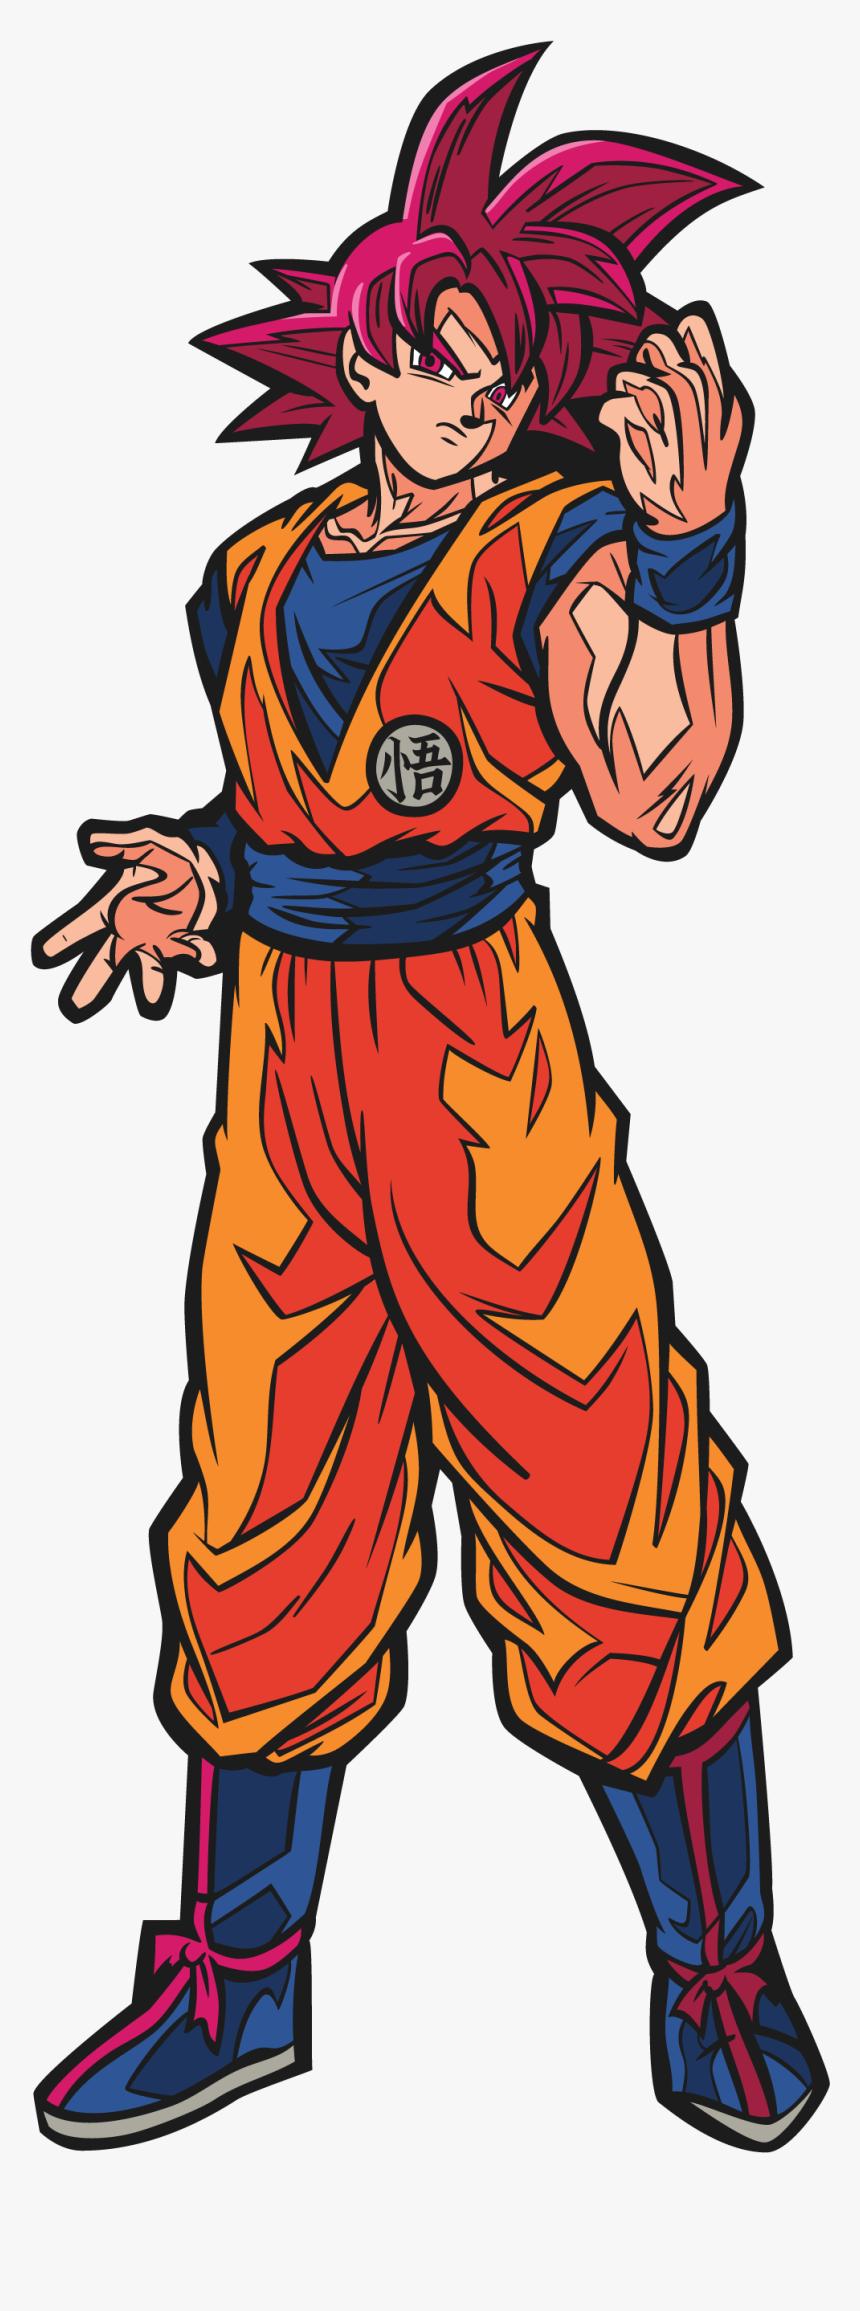 Super Saiyan God Goku Figpin, HD Png Download, Free Download